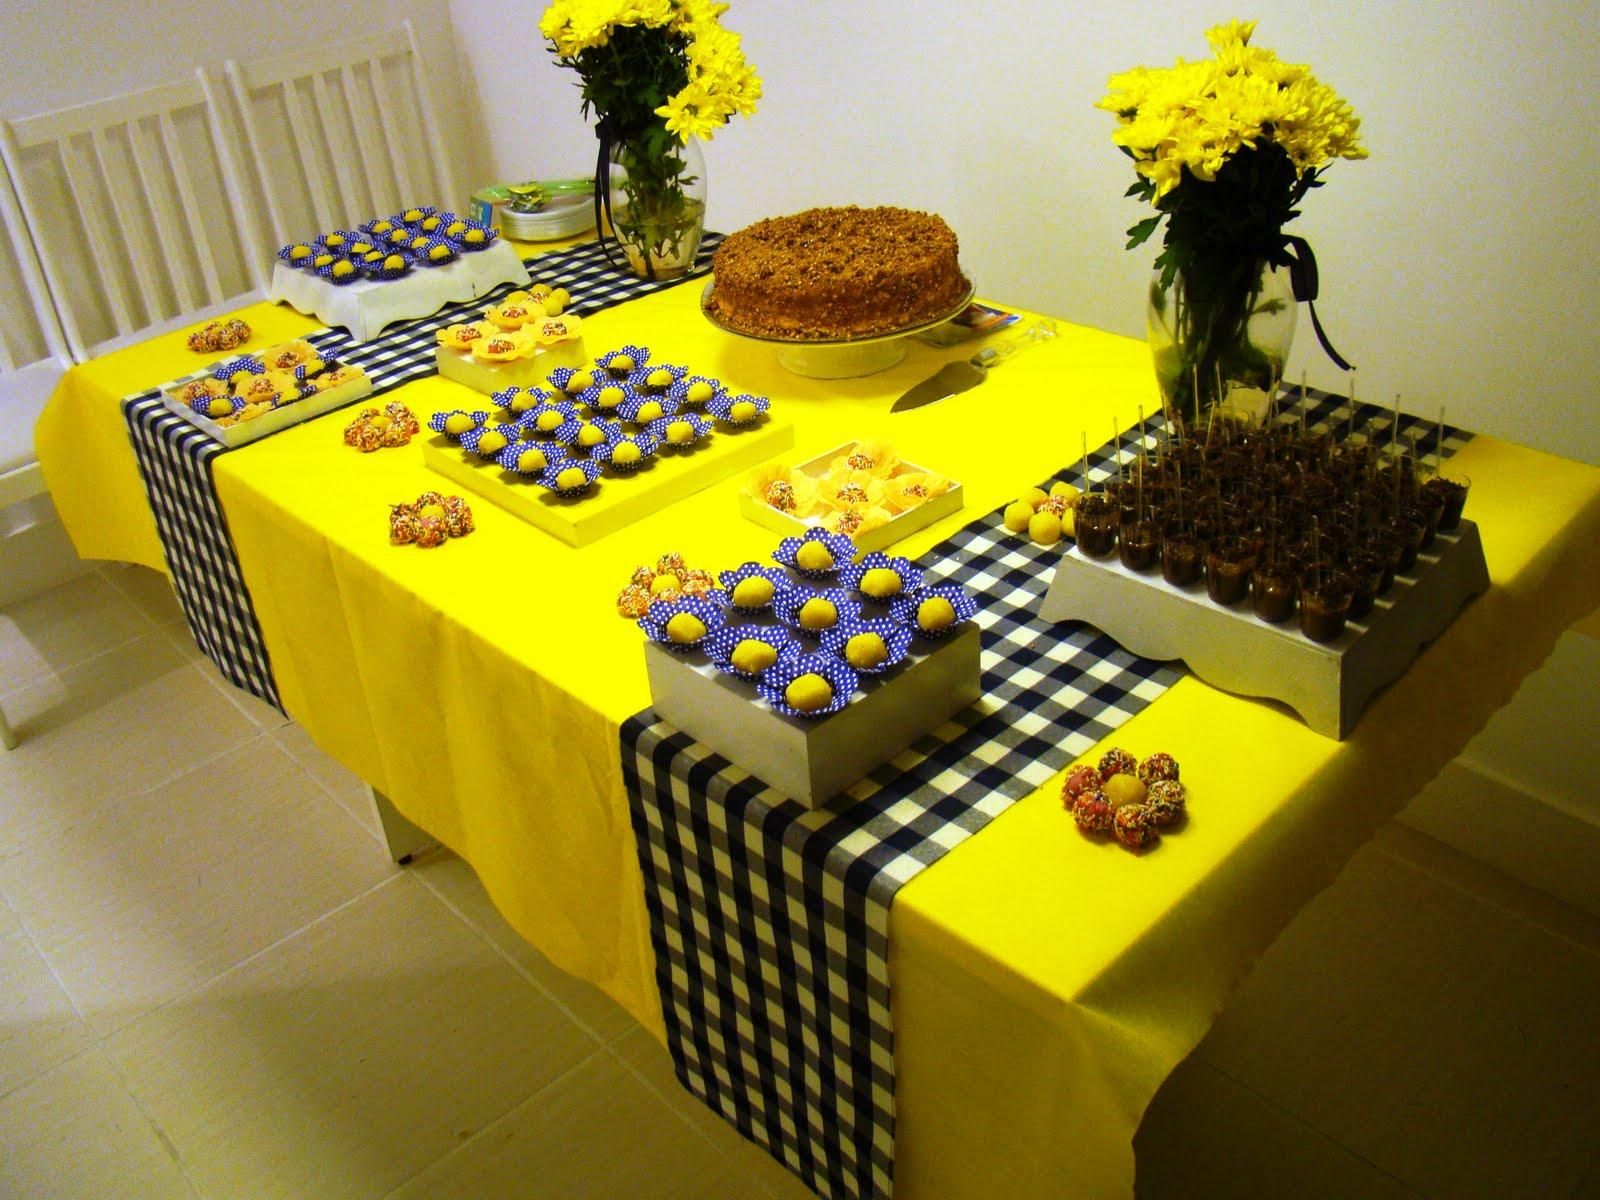 decoracao de festa azul marinho e amarelo: para a toalha da mesa e 1 faixas de tecido de xadrez azul marinho e